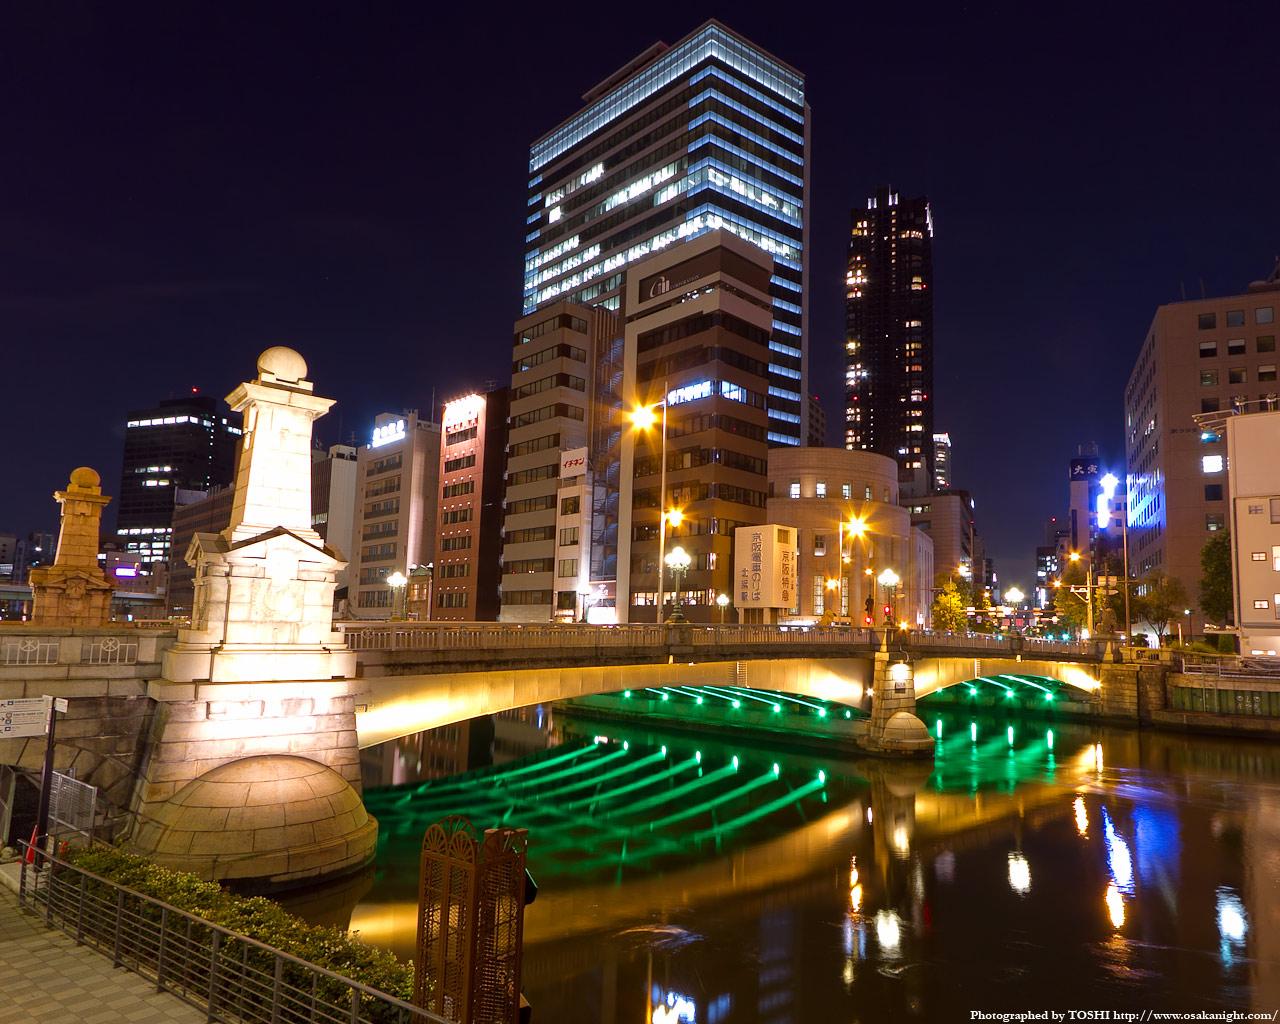 難波橋のライトアップ夜景6